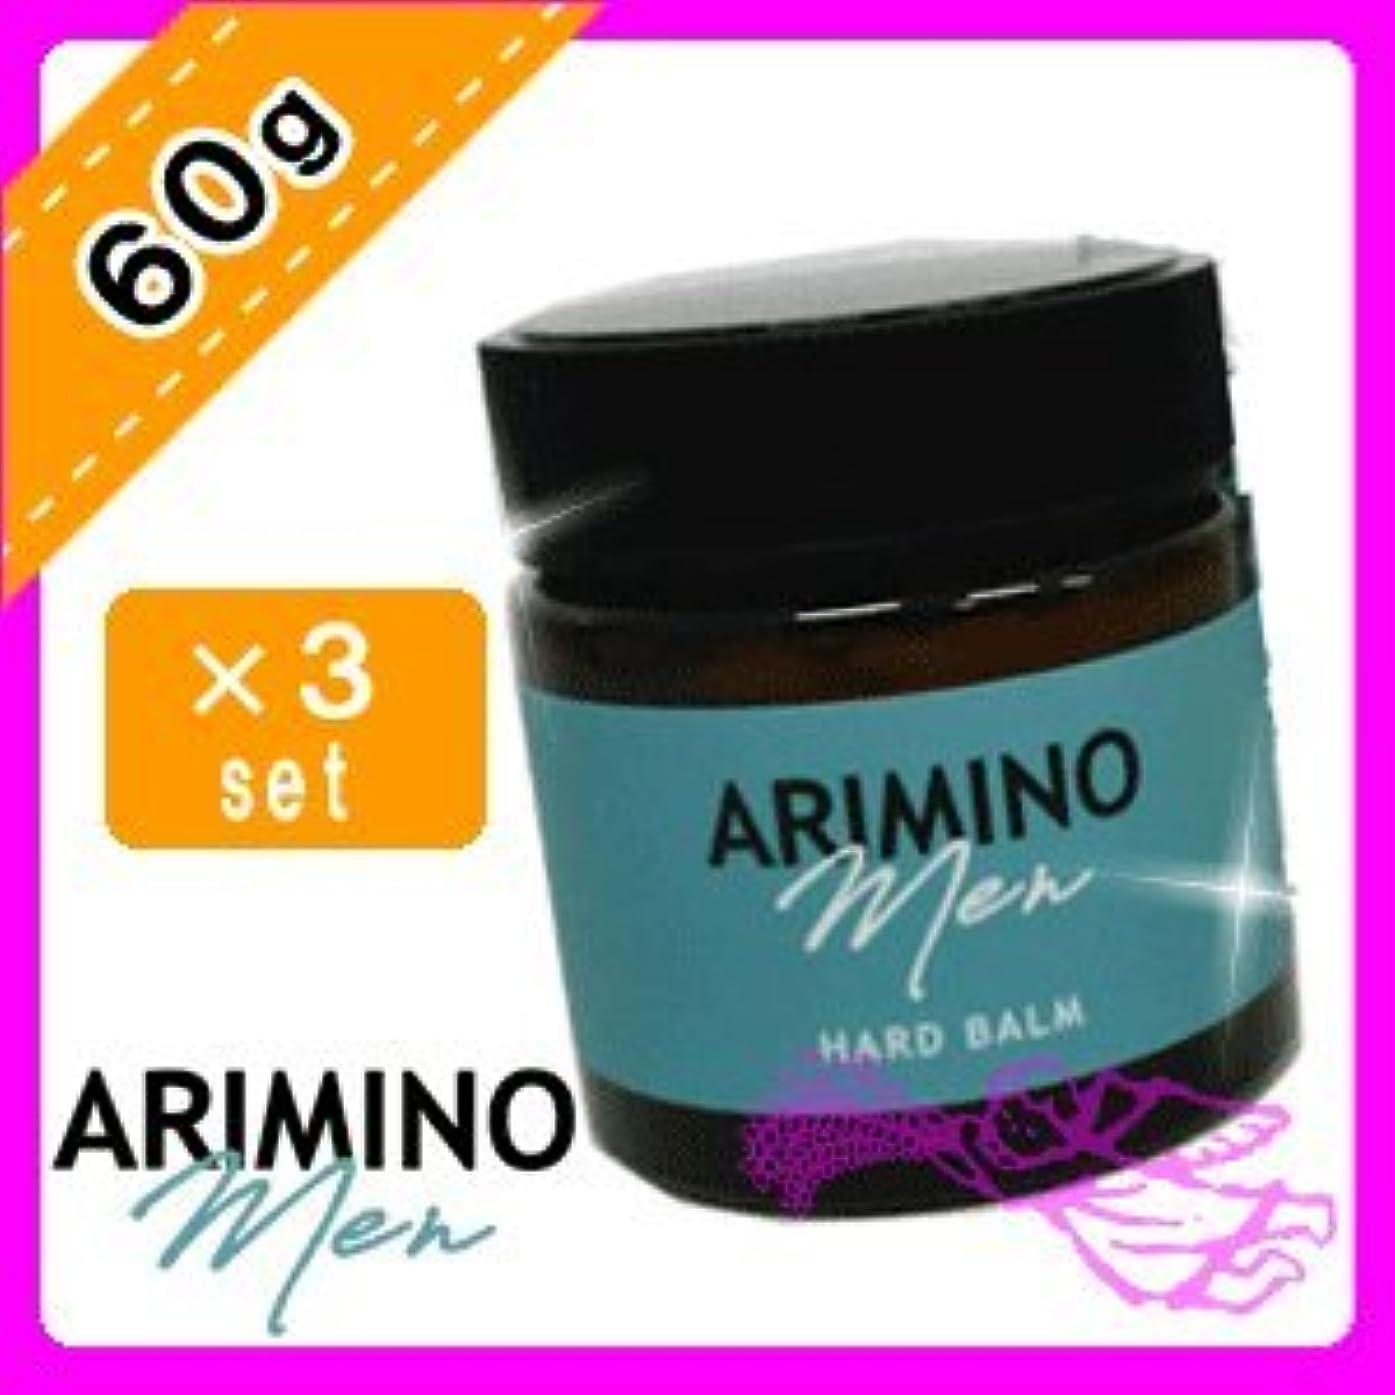 拡張略す性能アリミノ メン ハード バーム 60g ×3個 セット arimino men